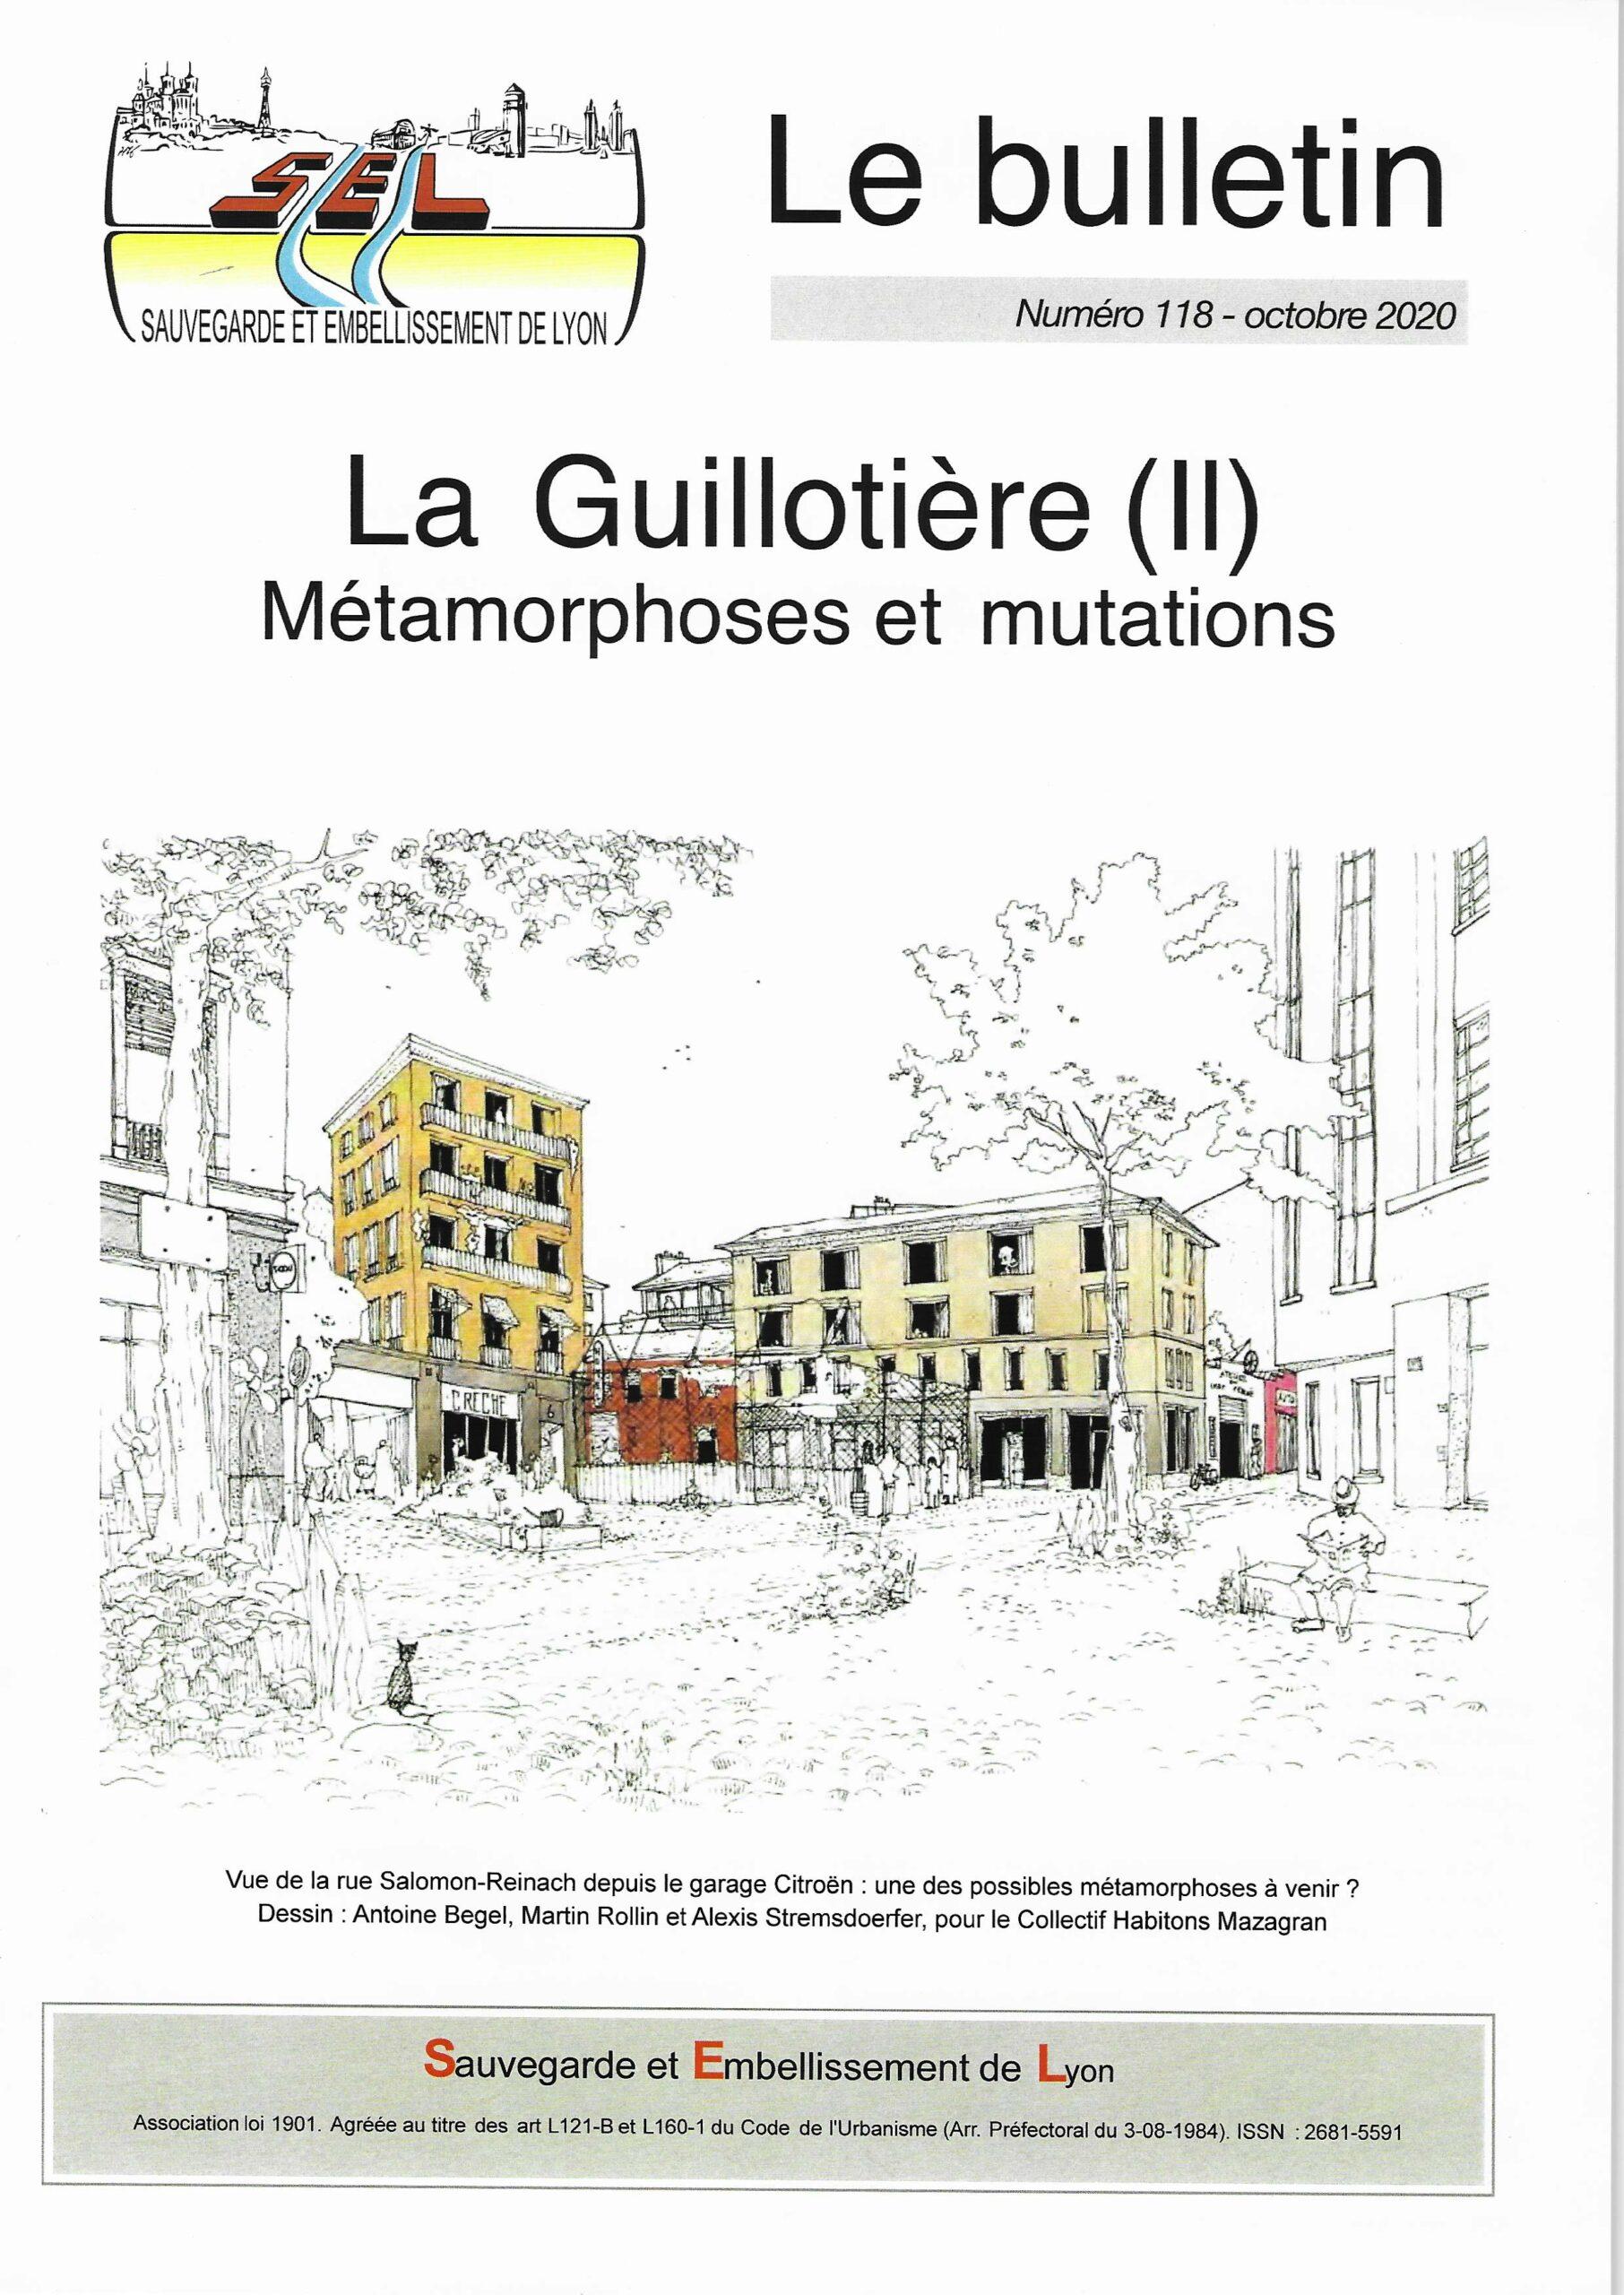 LA GUILLOTIÈRE (II) : Métamorphoses et mutations